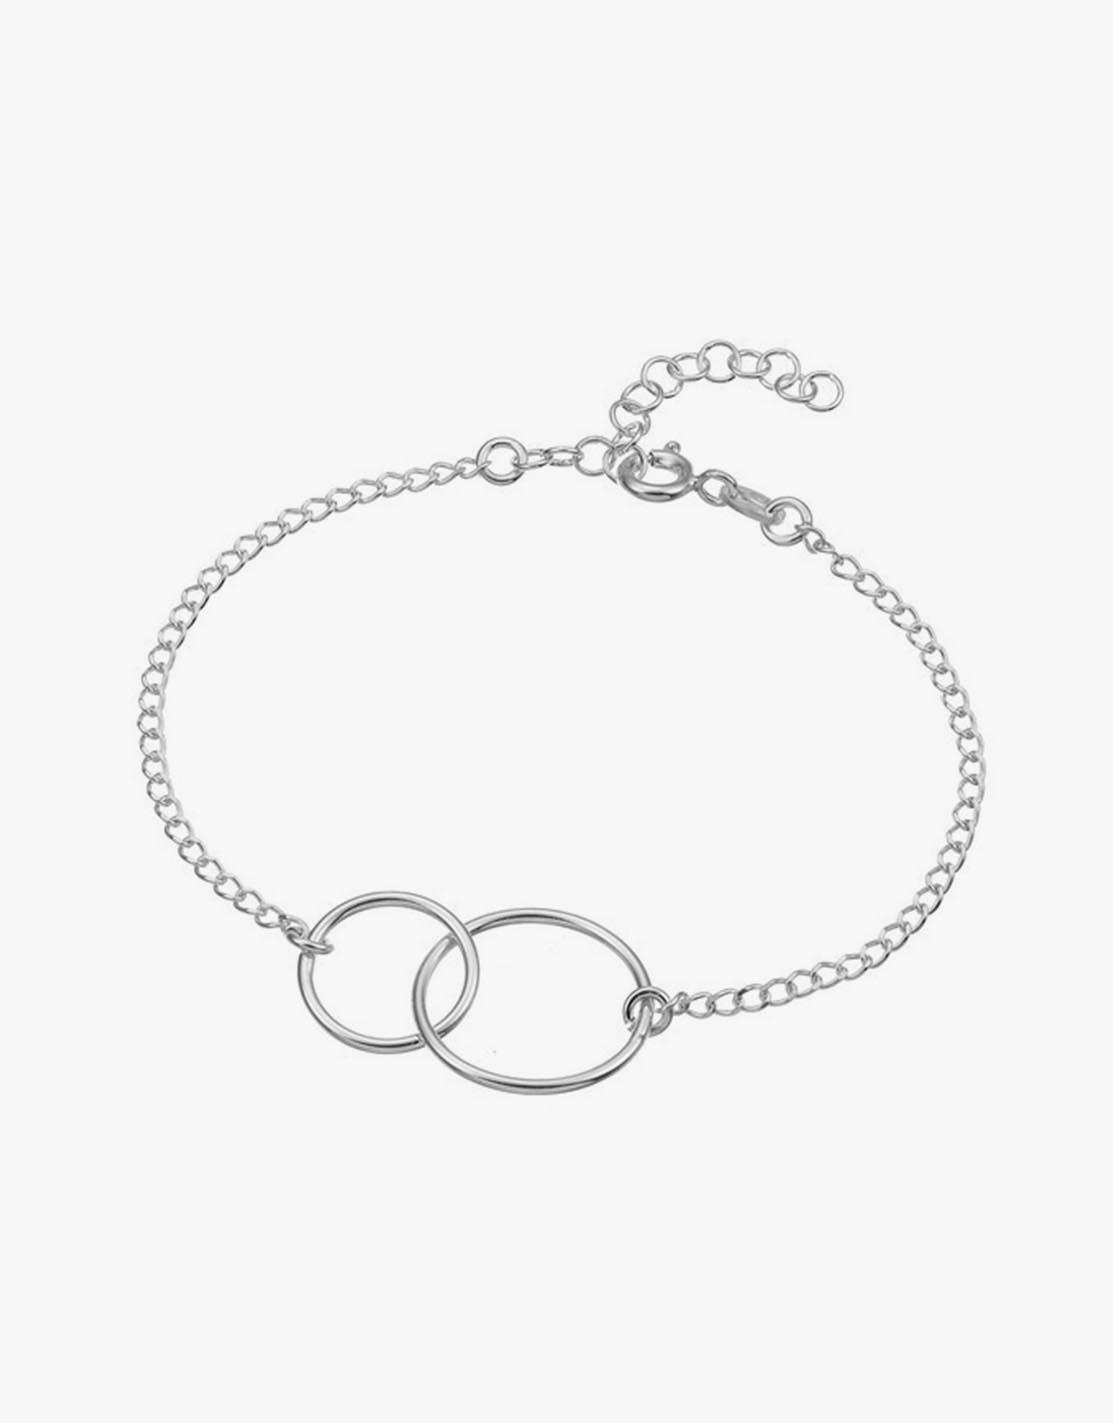 Silber Armband Mit 2 Umschlungenen Ringen